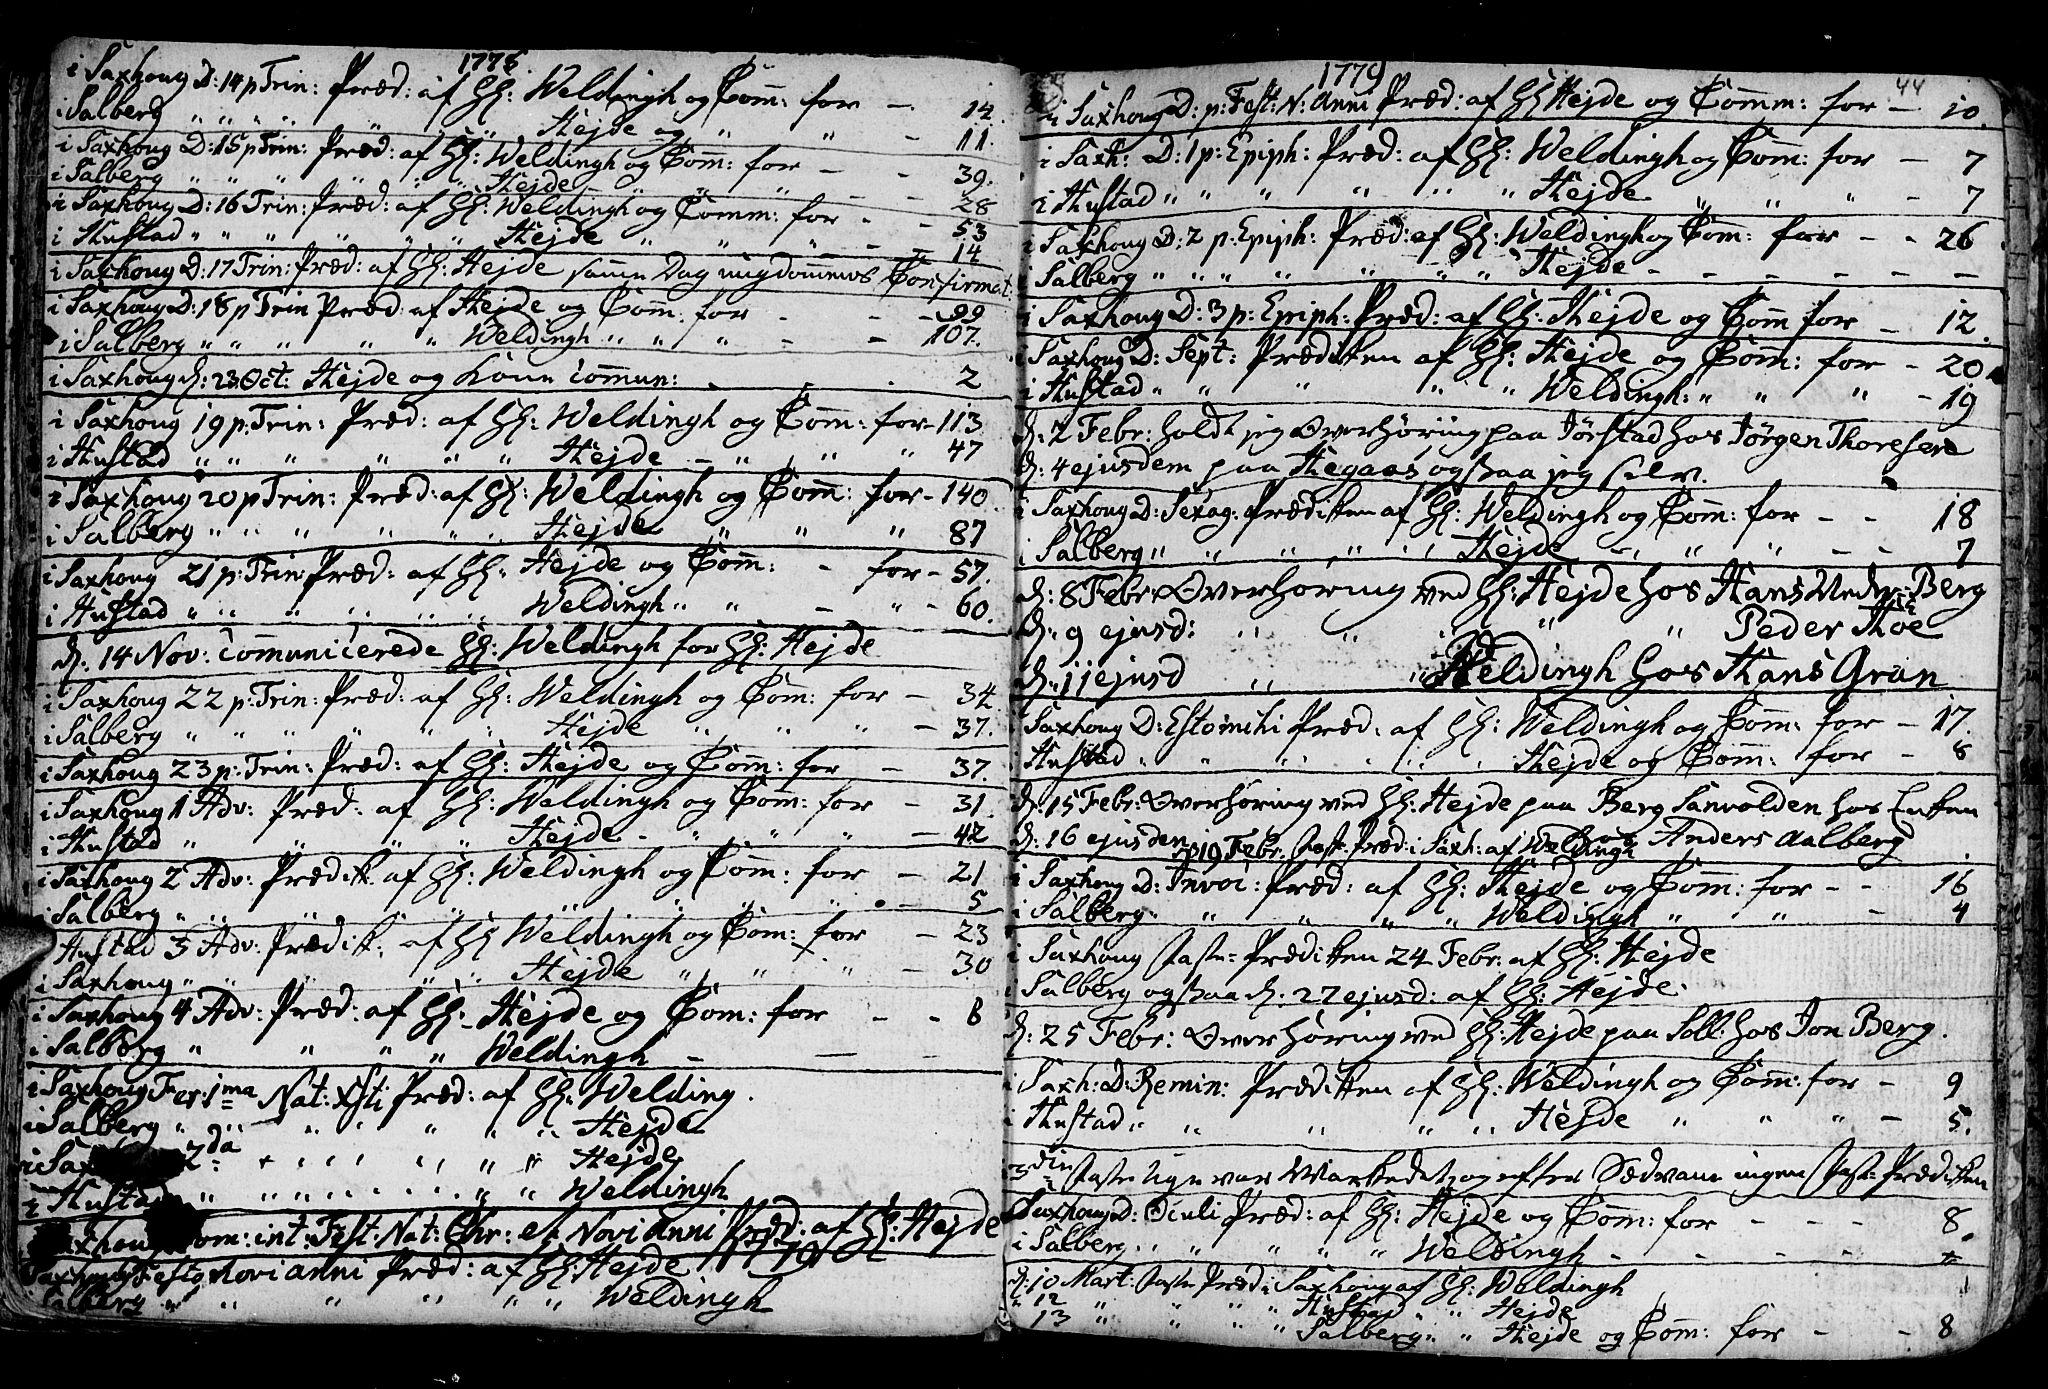 SAT, Ministerialprotokoller, klokkerbøker og fødselsregistre - Nord-Trøndelag, 730/L0273: Ministerialbok nr. 730A02, 1762-1802, s. 44